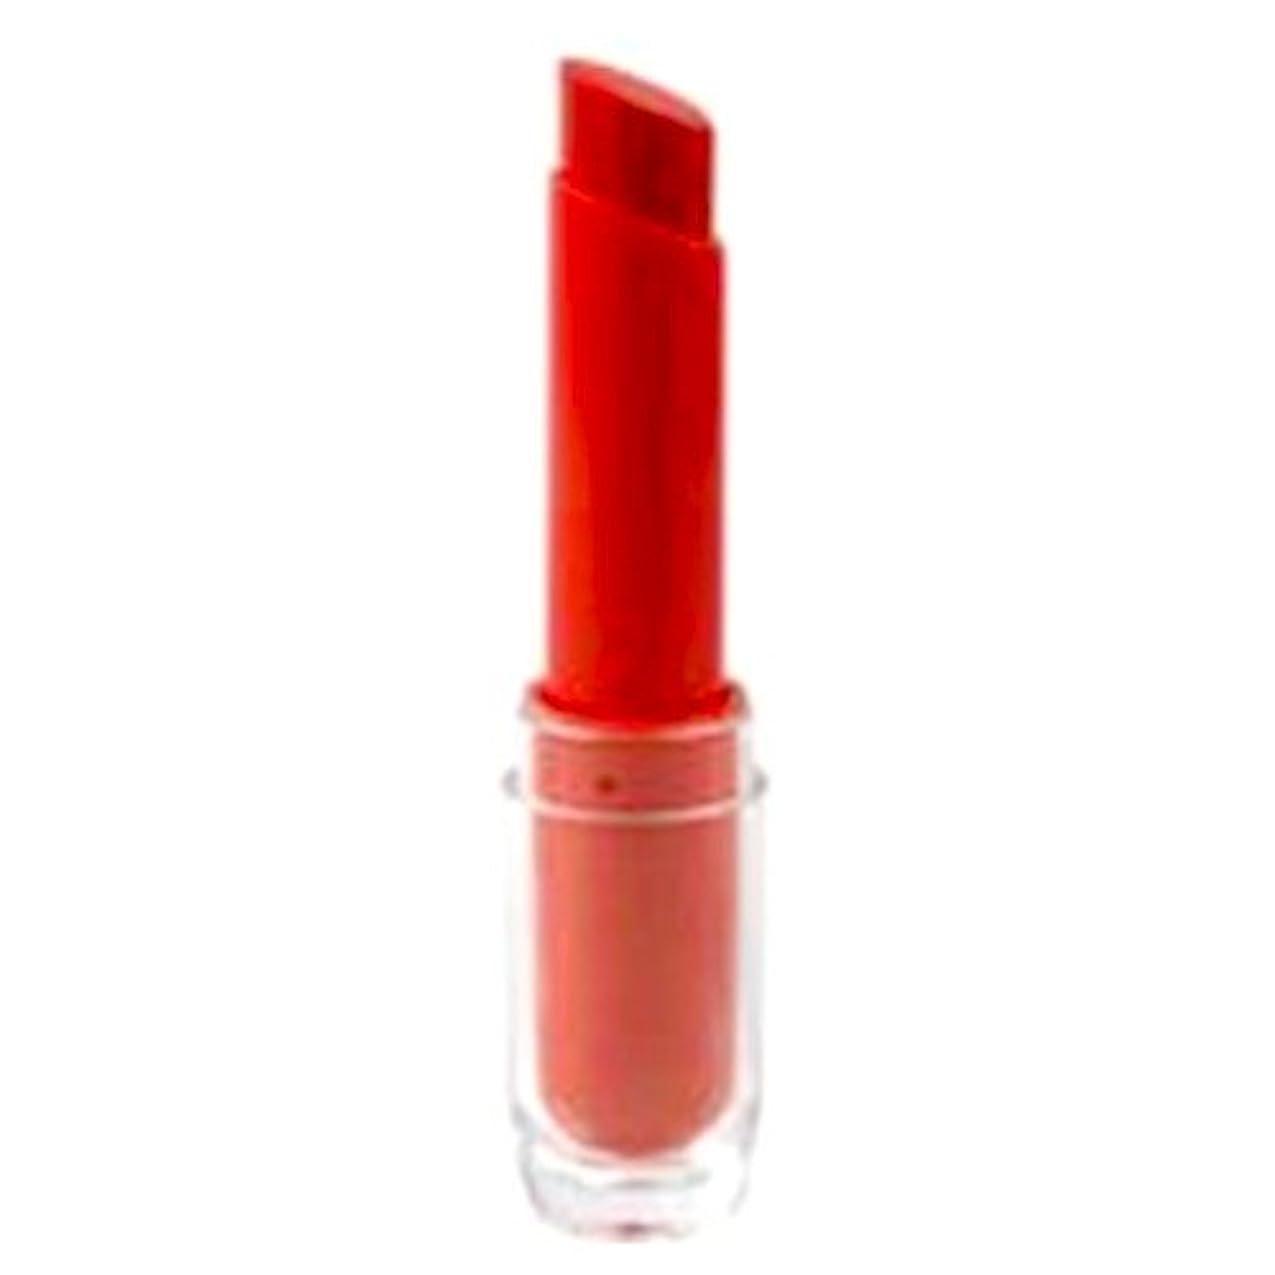 正確なプロフェッショナル道徳のKLEANCOLOR Kleanista Lipstick - Radiant Red (並行輸入品)